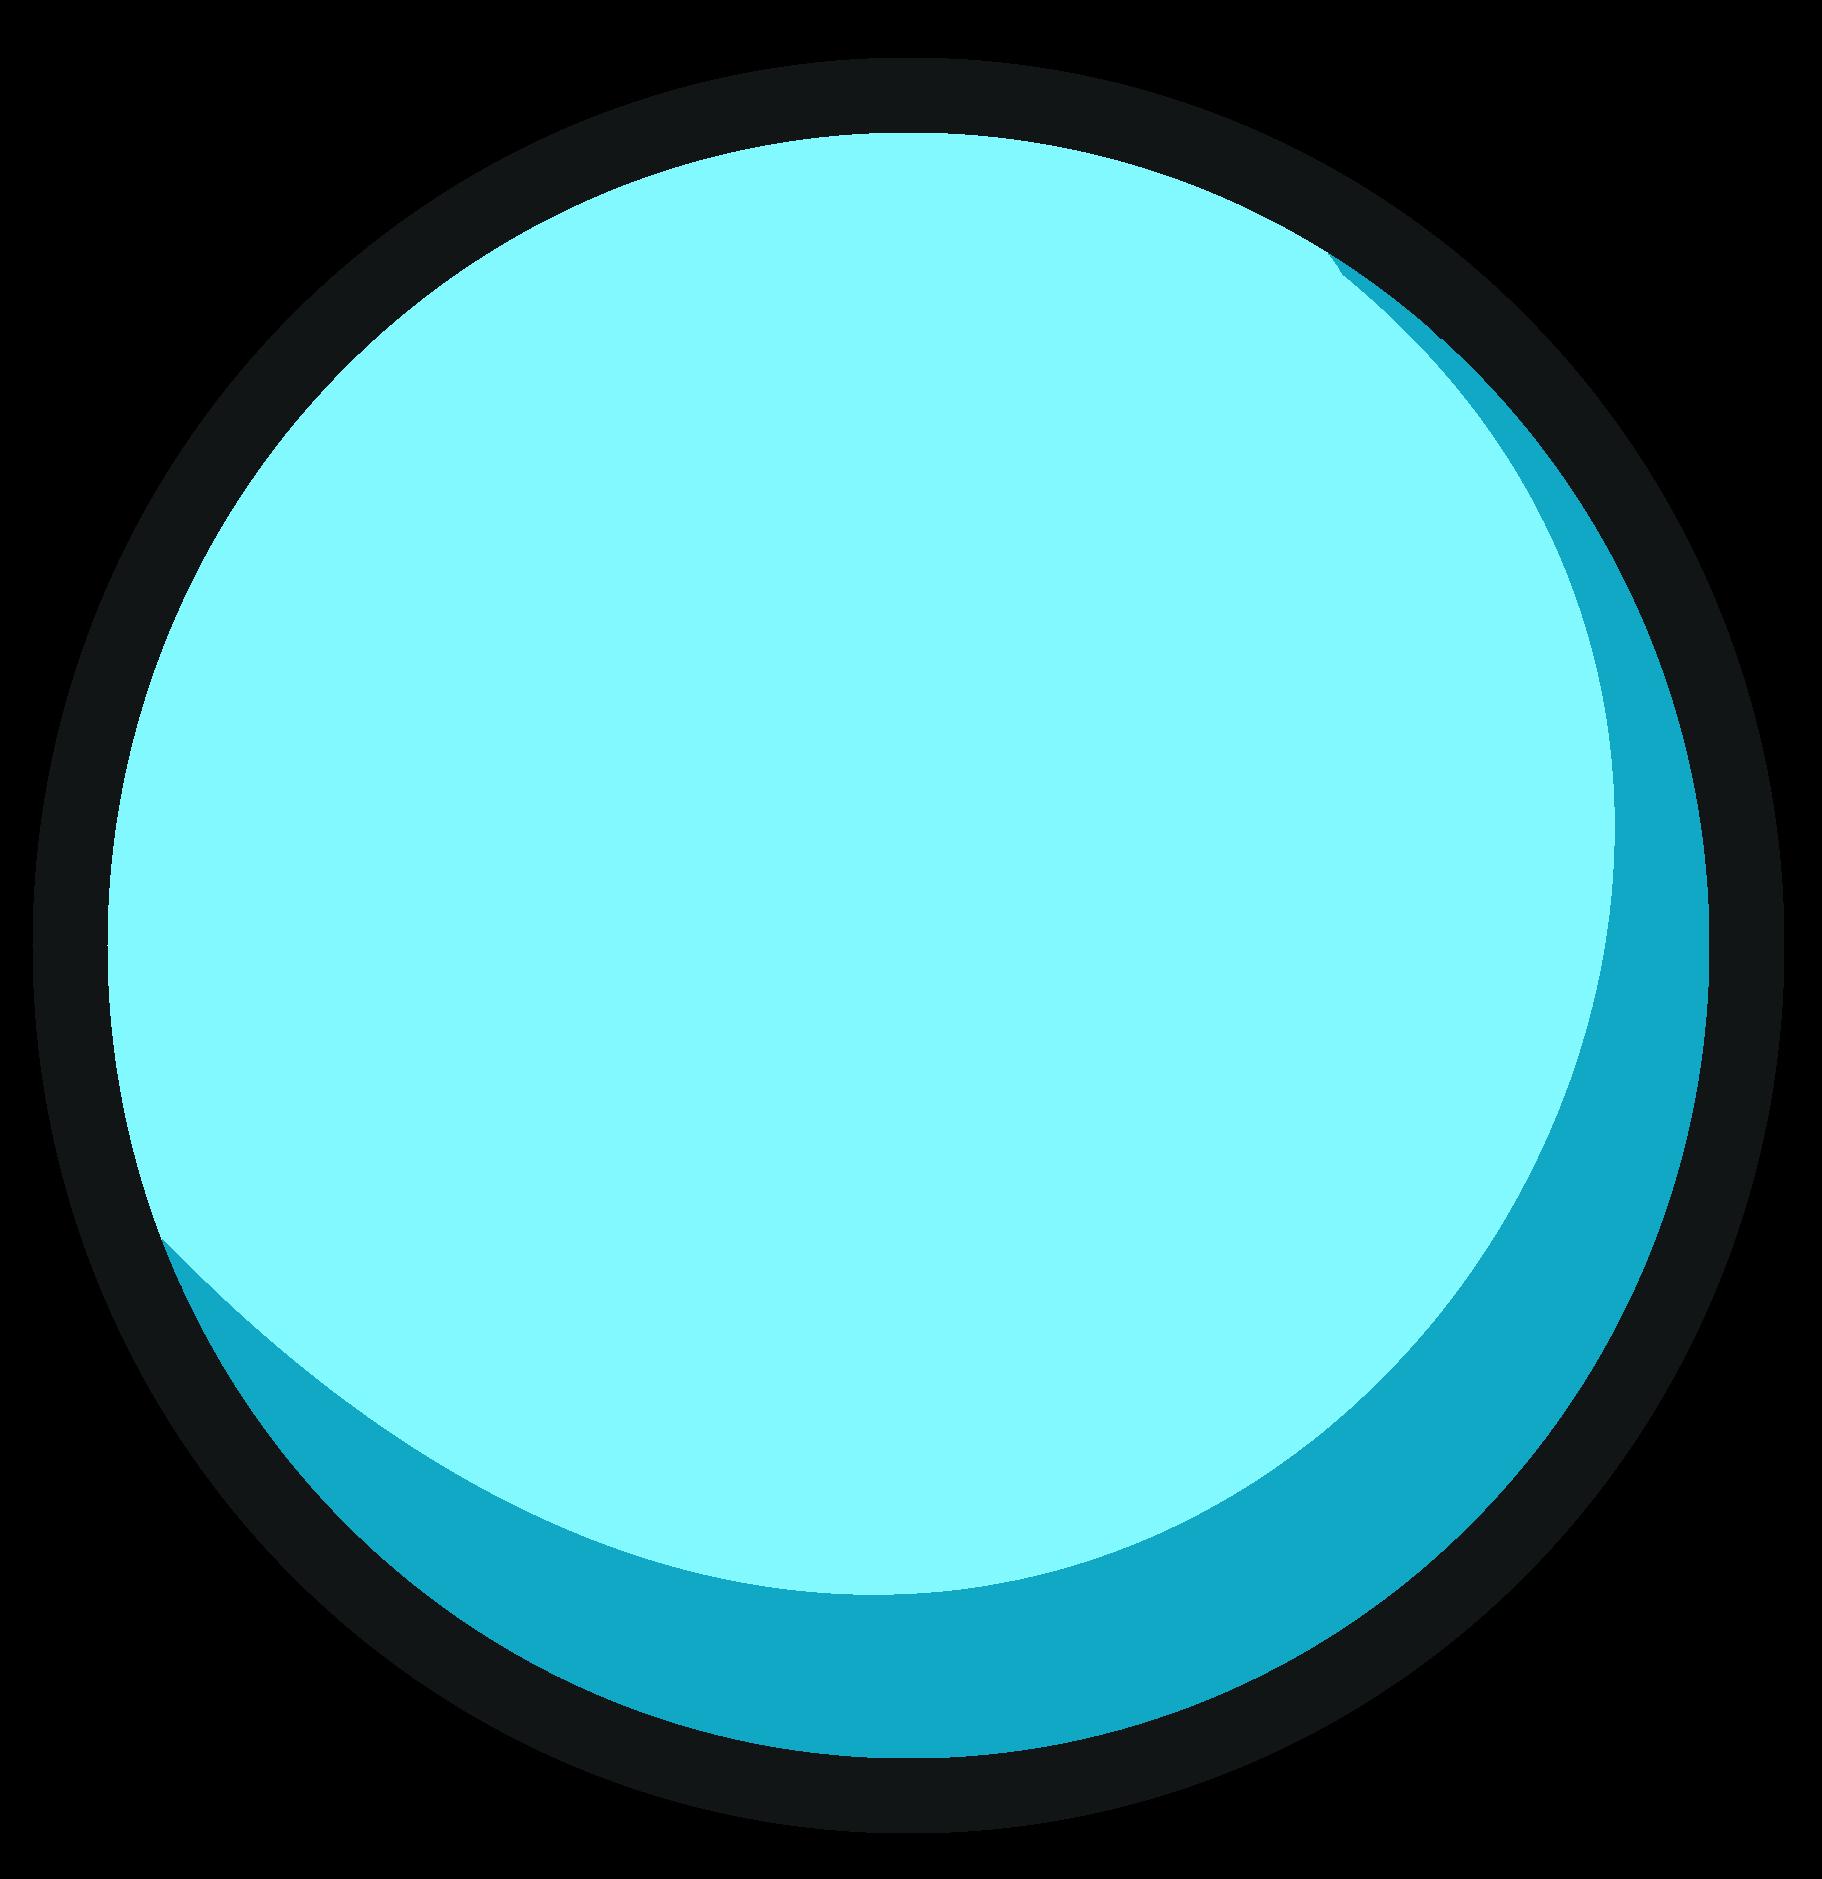 Gem clipart aqua. Gemstones kjd wiki fandom